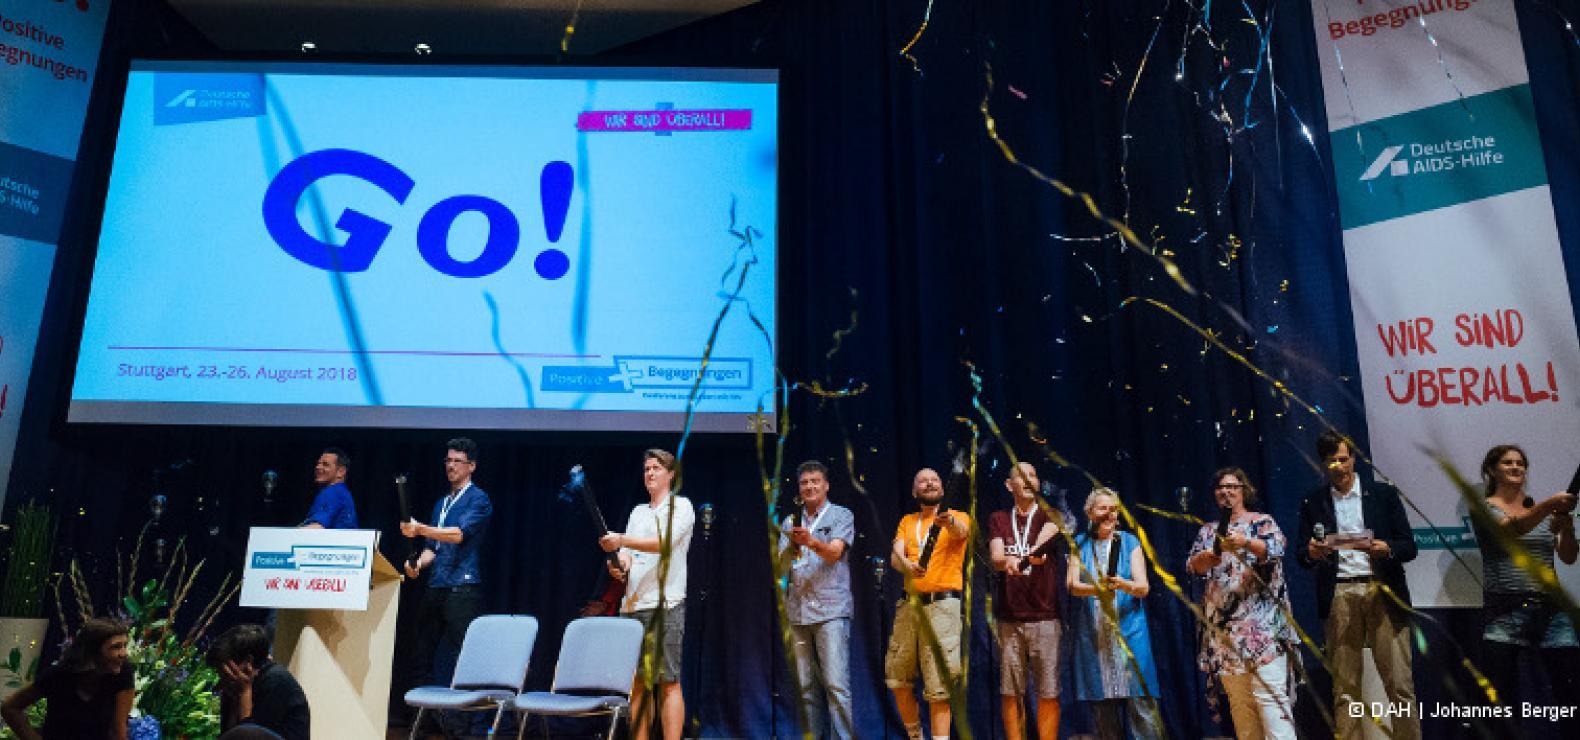 Auf einer Bühne stehen mehrere Menschen mit Konfetti-Kanonen, aus denen Girlanden geschossen werden. Im Hintergrund steht auf einer Projektionswand: Go!